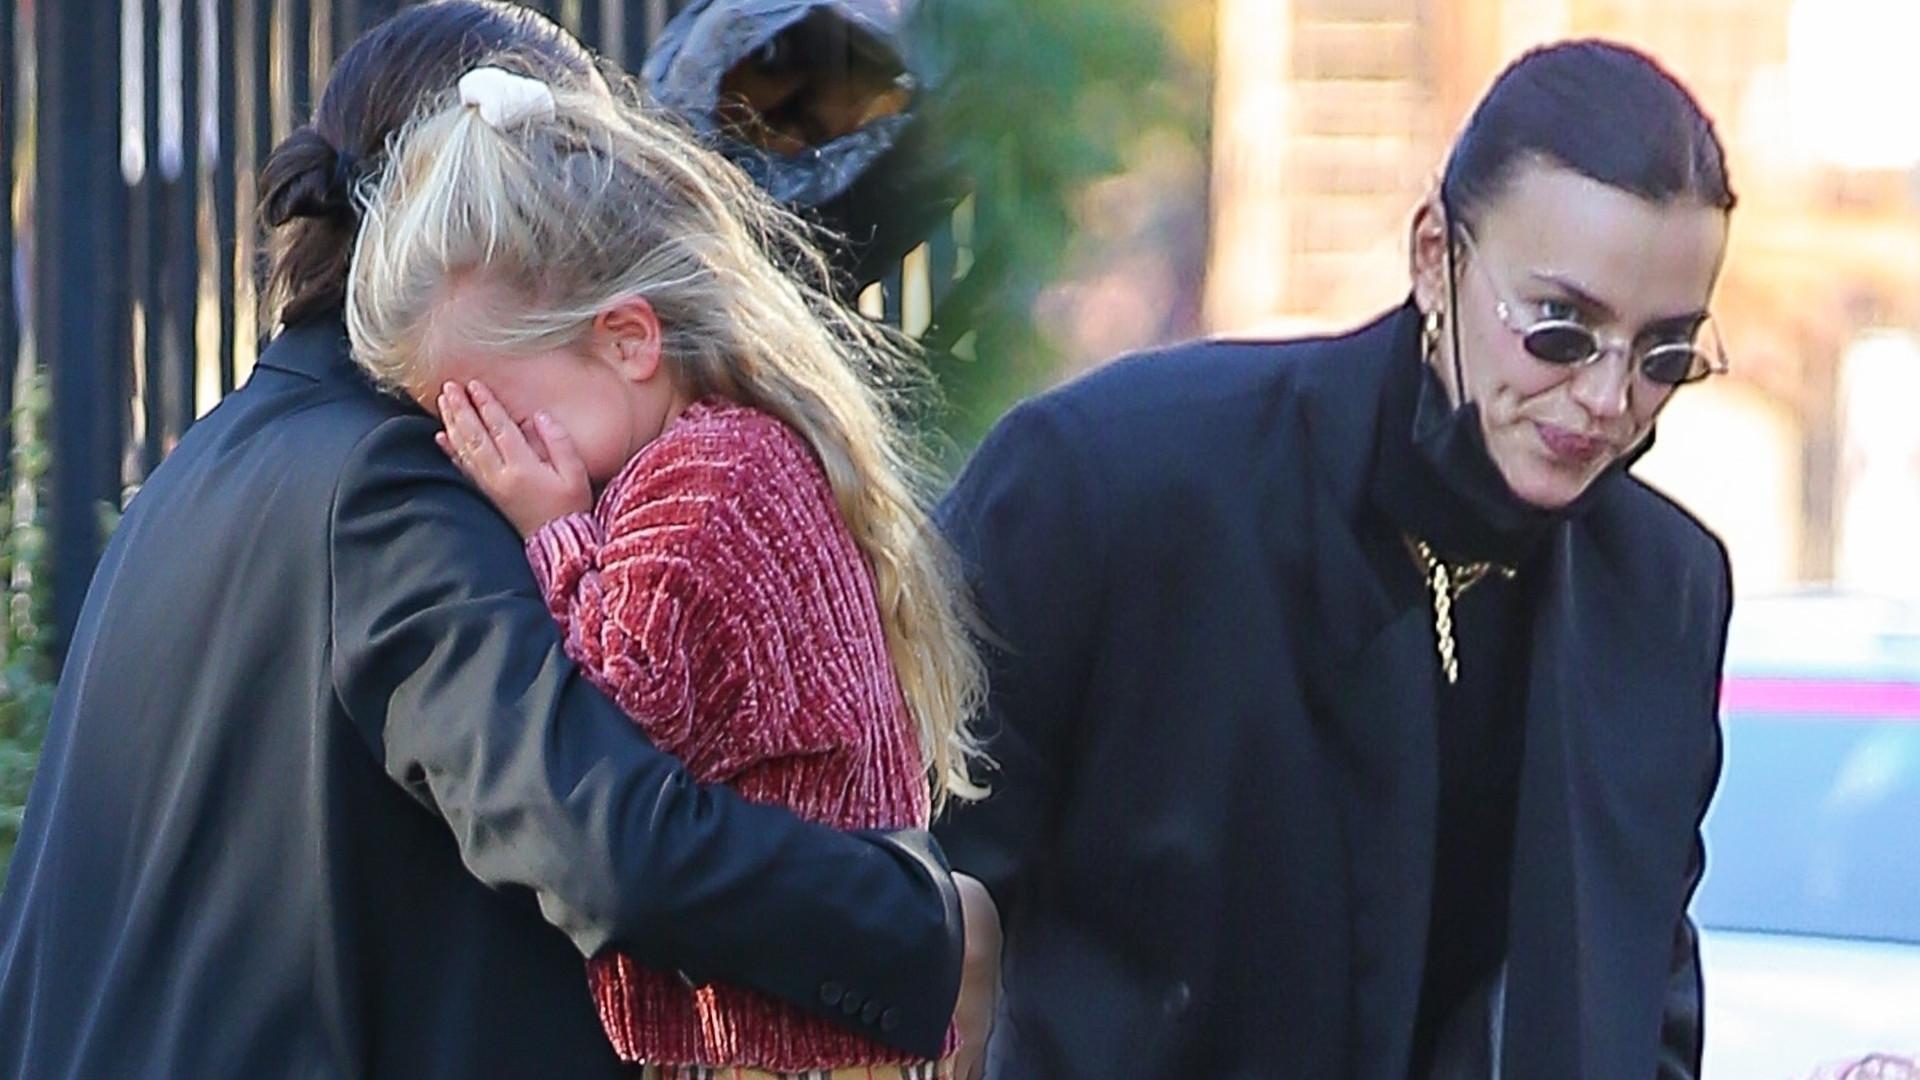 Córeczka Iriny Shayk zaniosła się PŁACZEM na ulicy. Co zrobiła modelka? (ZDJĘCIA)